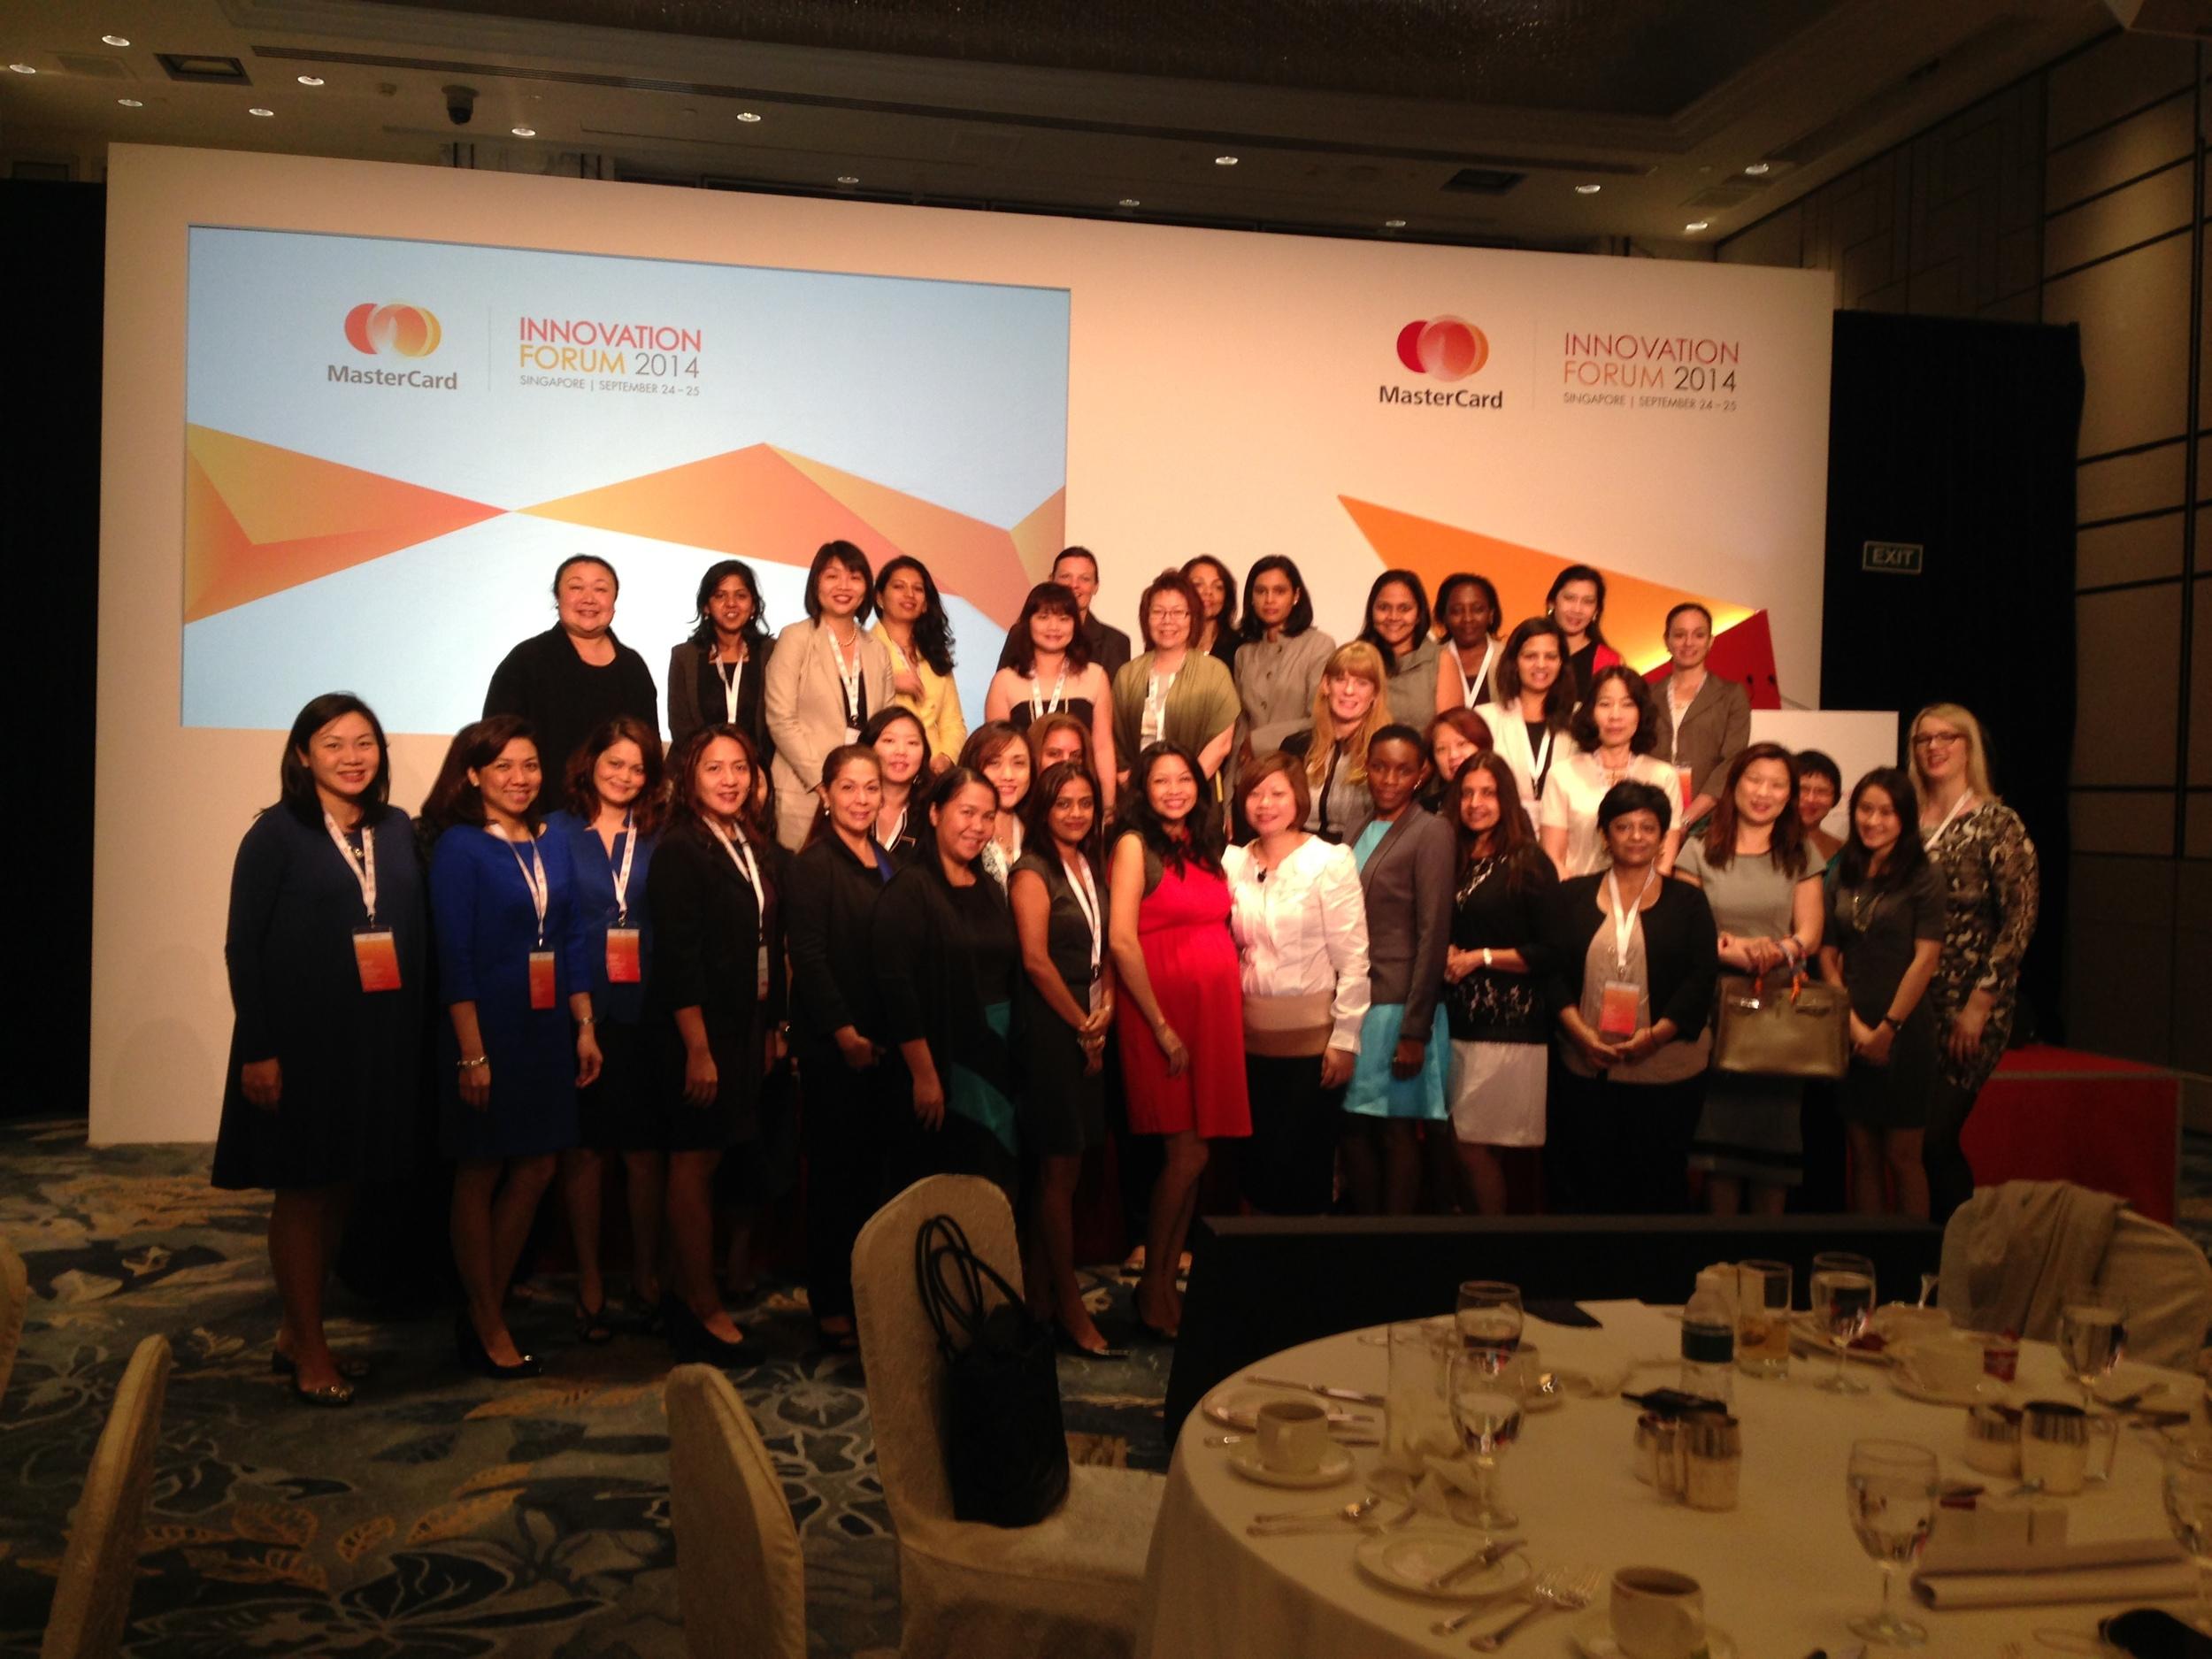 Women's Breakfast Talk at MasterCard Innovation Forum (September 2014)